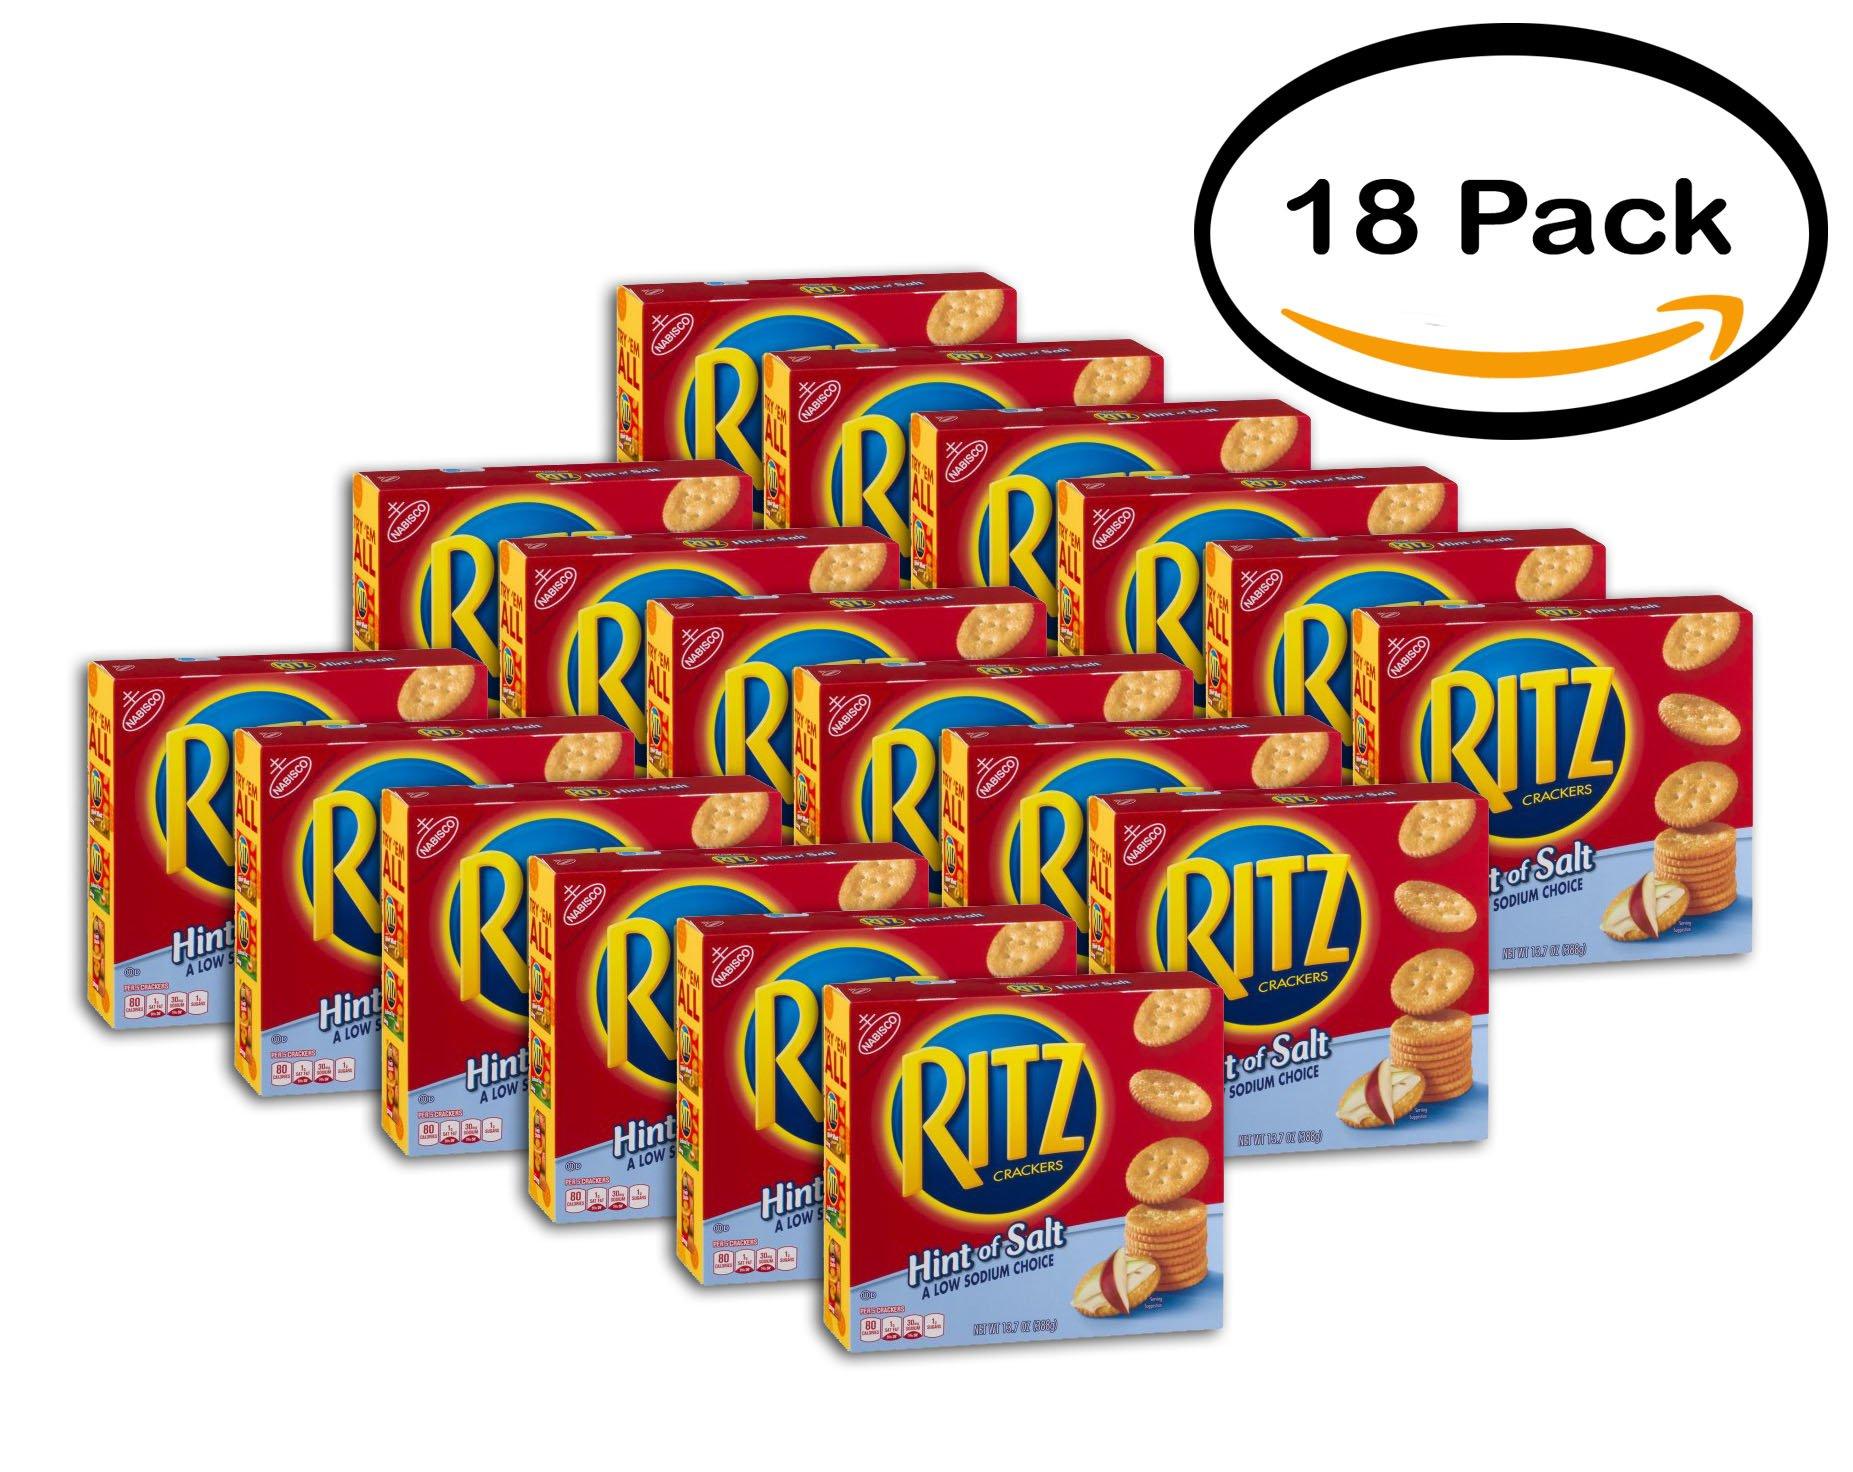 PACK OF 18 - Nabisco Ritz Crackers Hint Of Salt, 13.7 OZ by Ritz